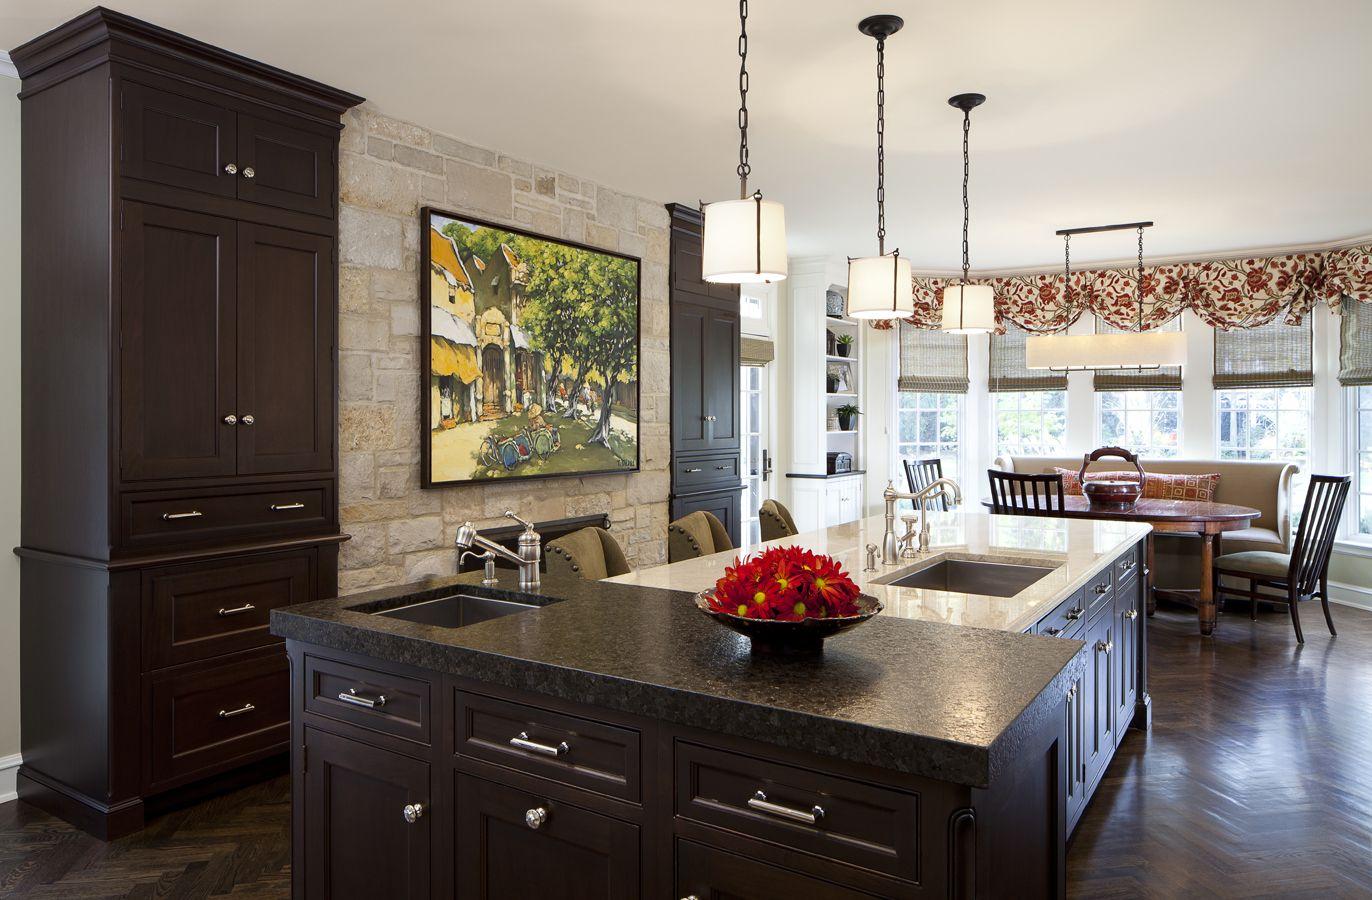 Chicago interior designers chicago interior design firm - Interior design firms chicago ...